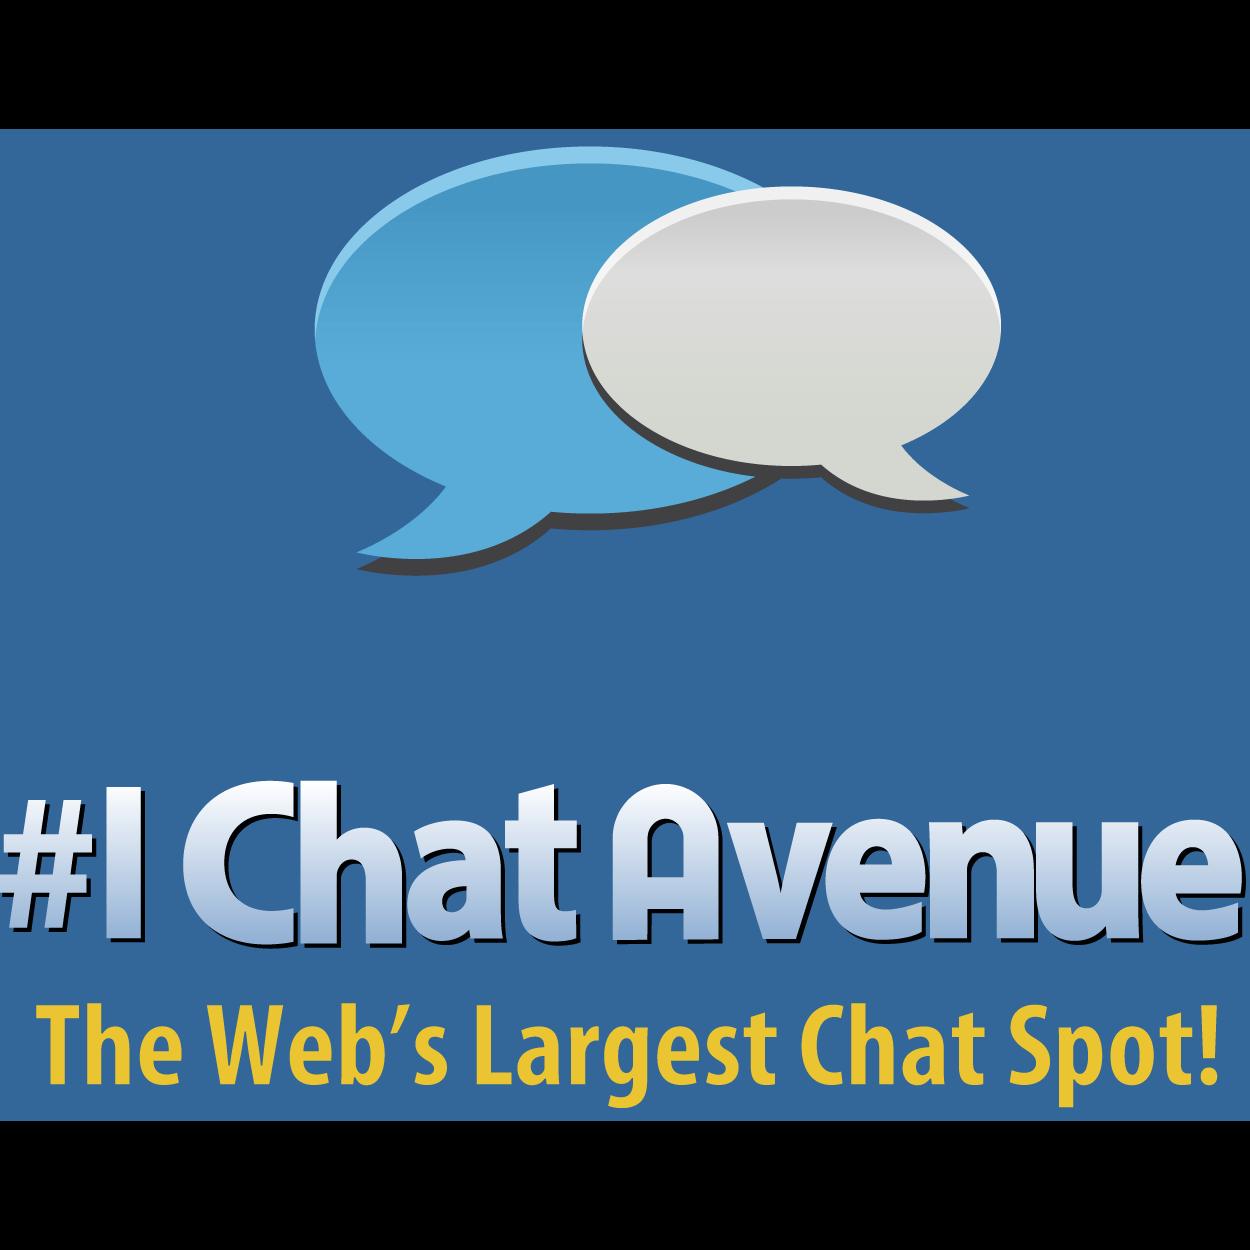 Chat-avenue.com Review